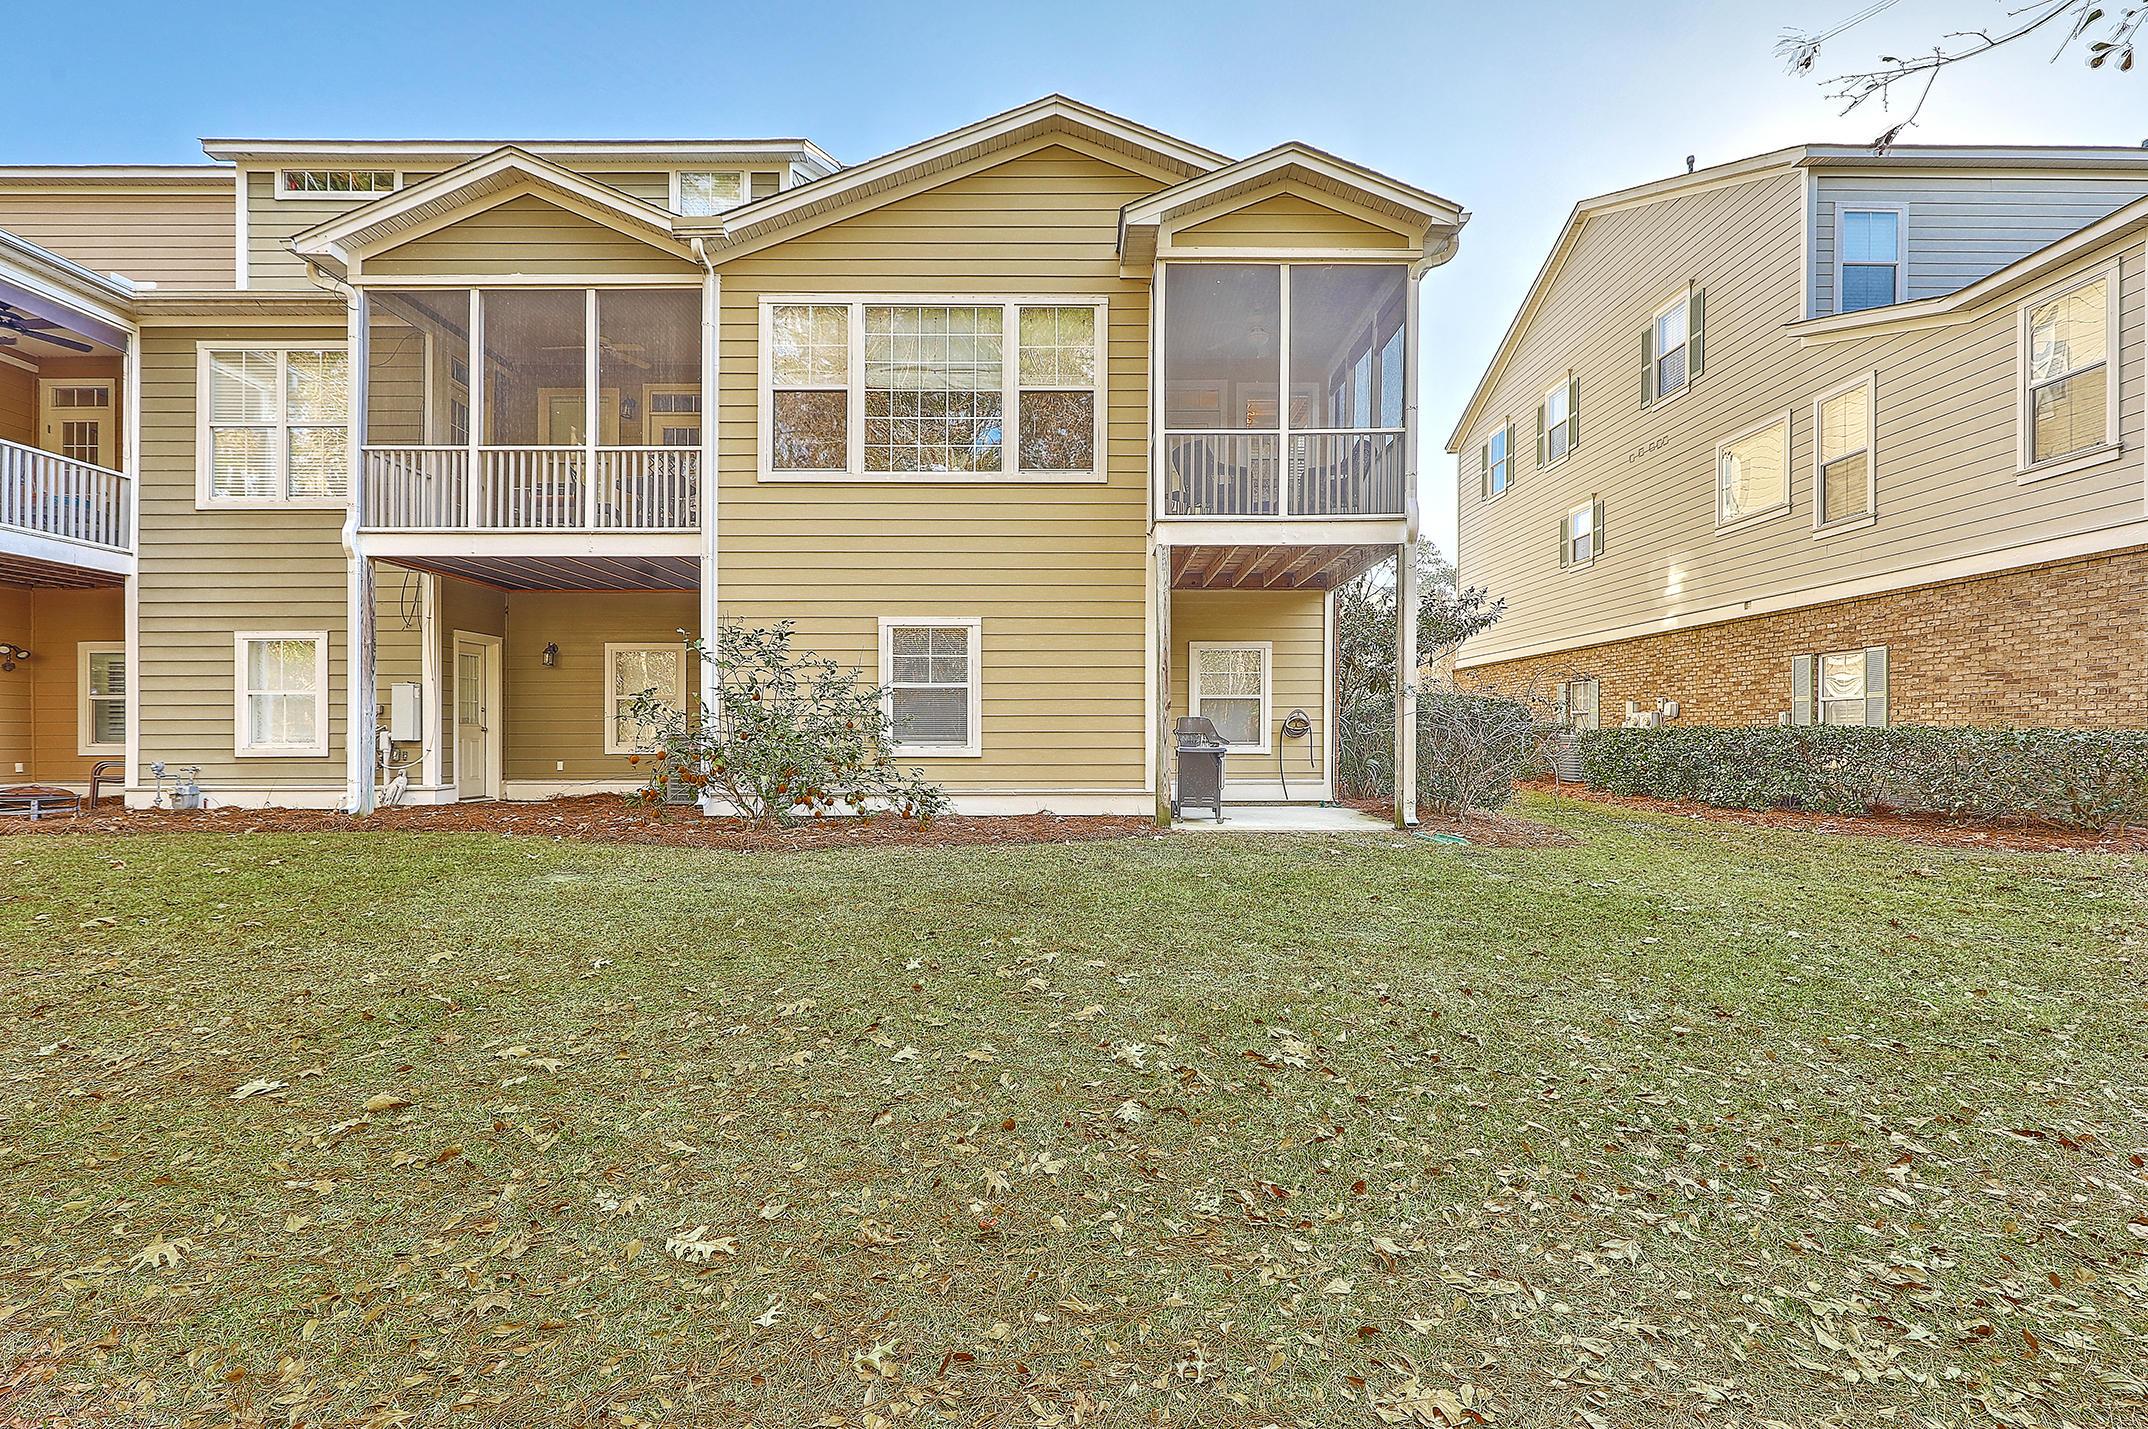 Dunes West Homes For Sale - 129 Palm Cove, Mount Pleasant, SC - 20